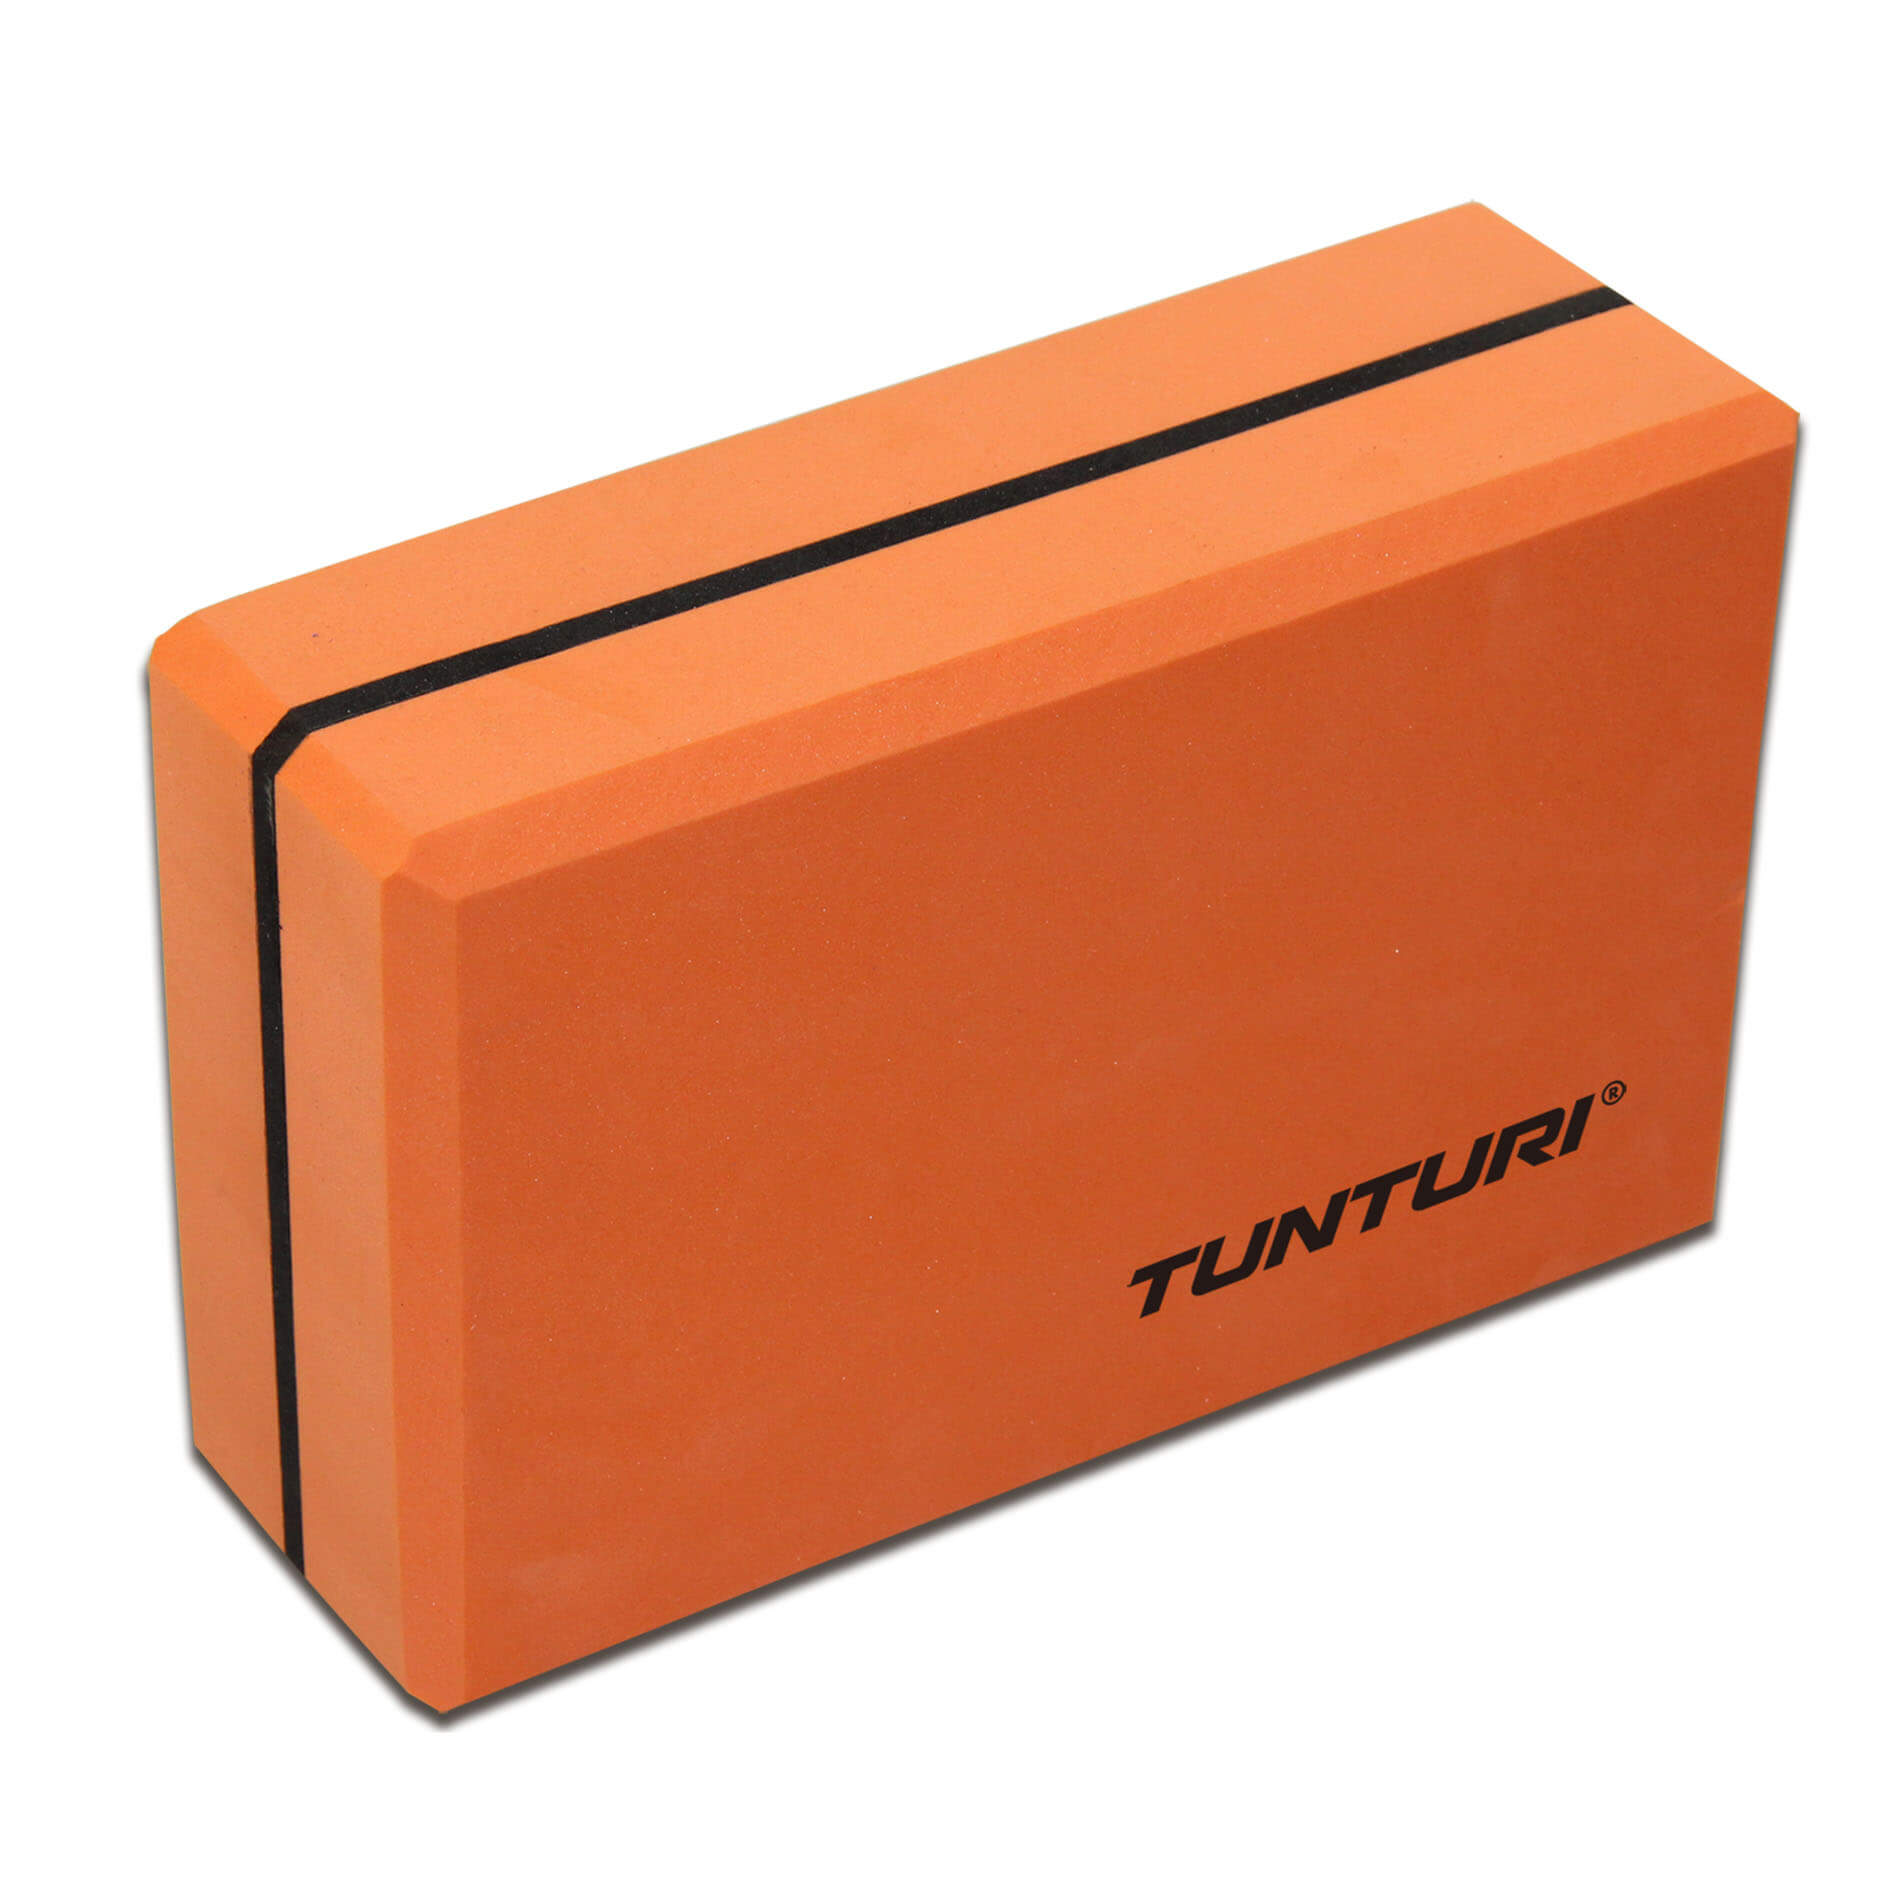 Jóga blok TUNTURI oranžovo - černá